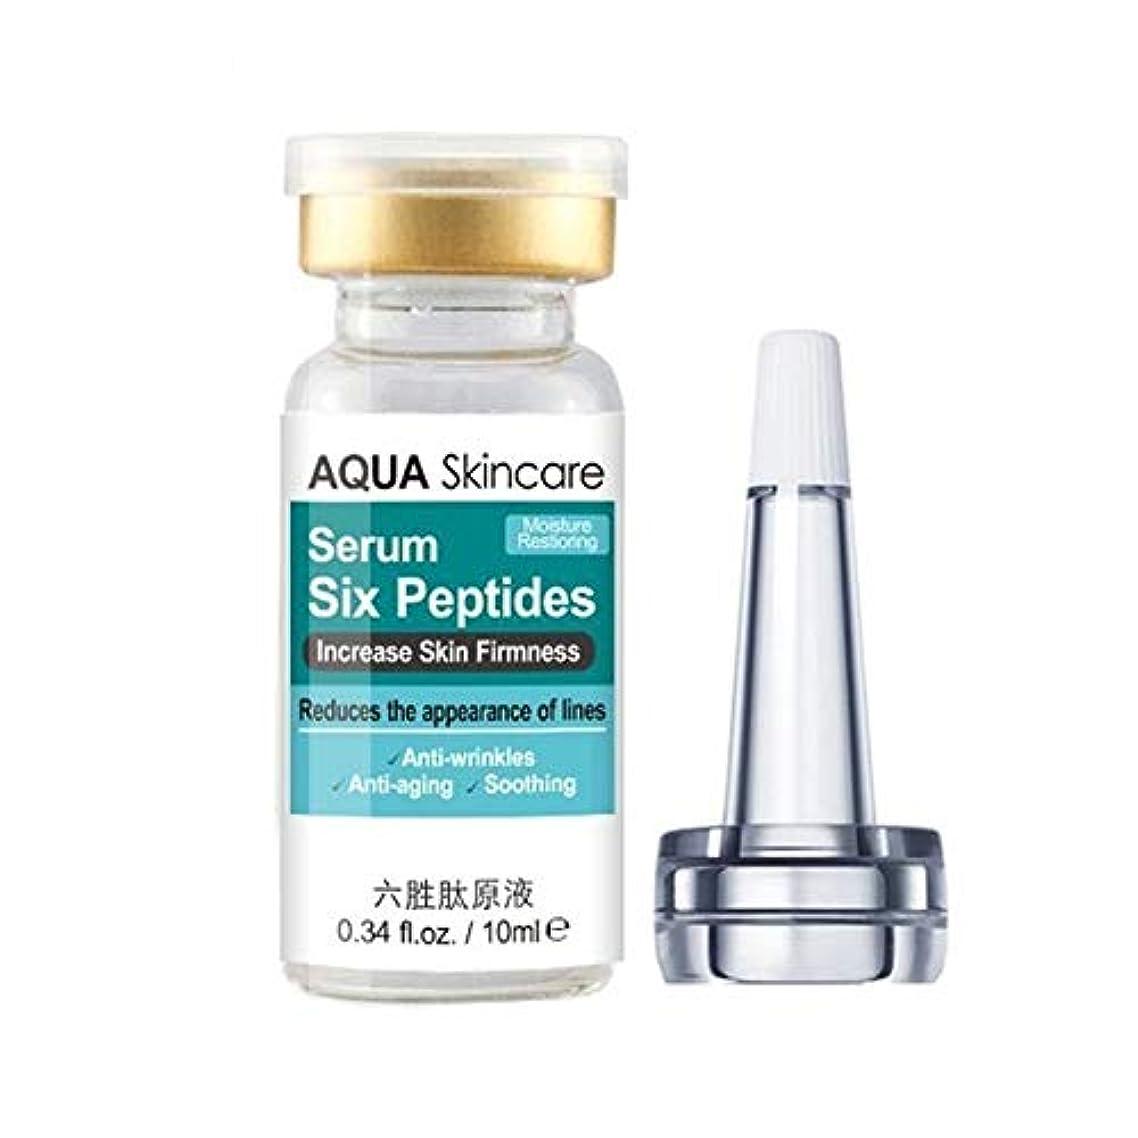 モールと闘うヒントペプチドストック溶液、シワ防止フェイシャルケア水和性6つのペプチド血清スムースファインライン引き締め肌を明るくするメラニンアレギニンヒアルロン酸オリジナルリキッドエッセンス